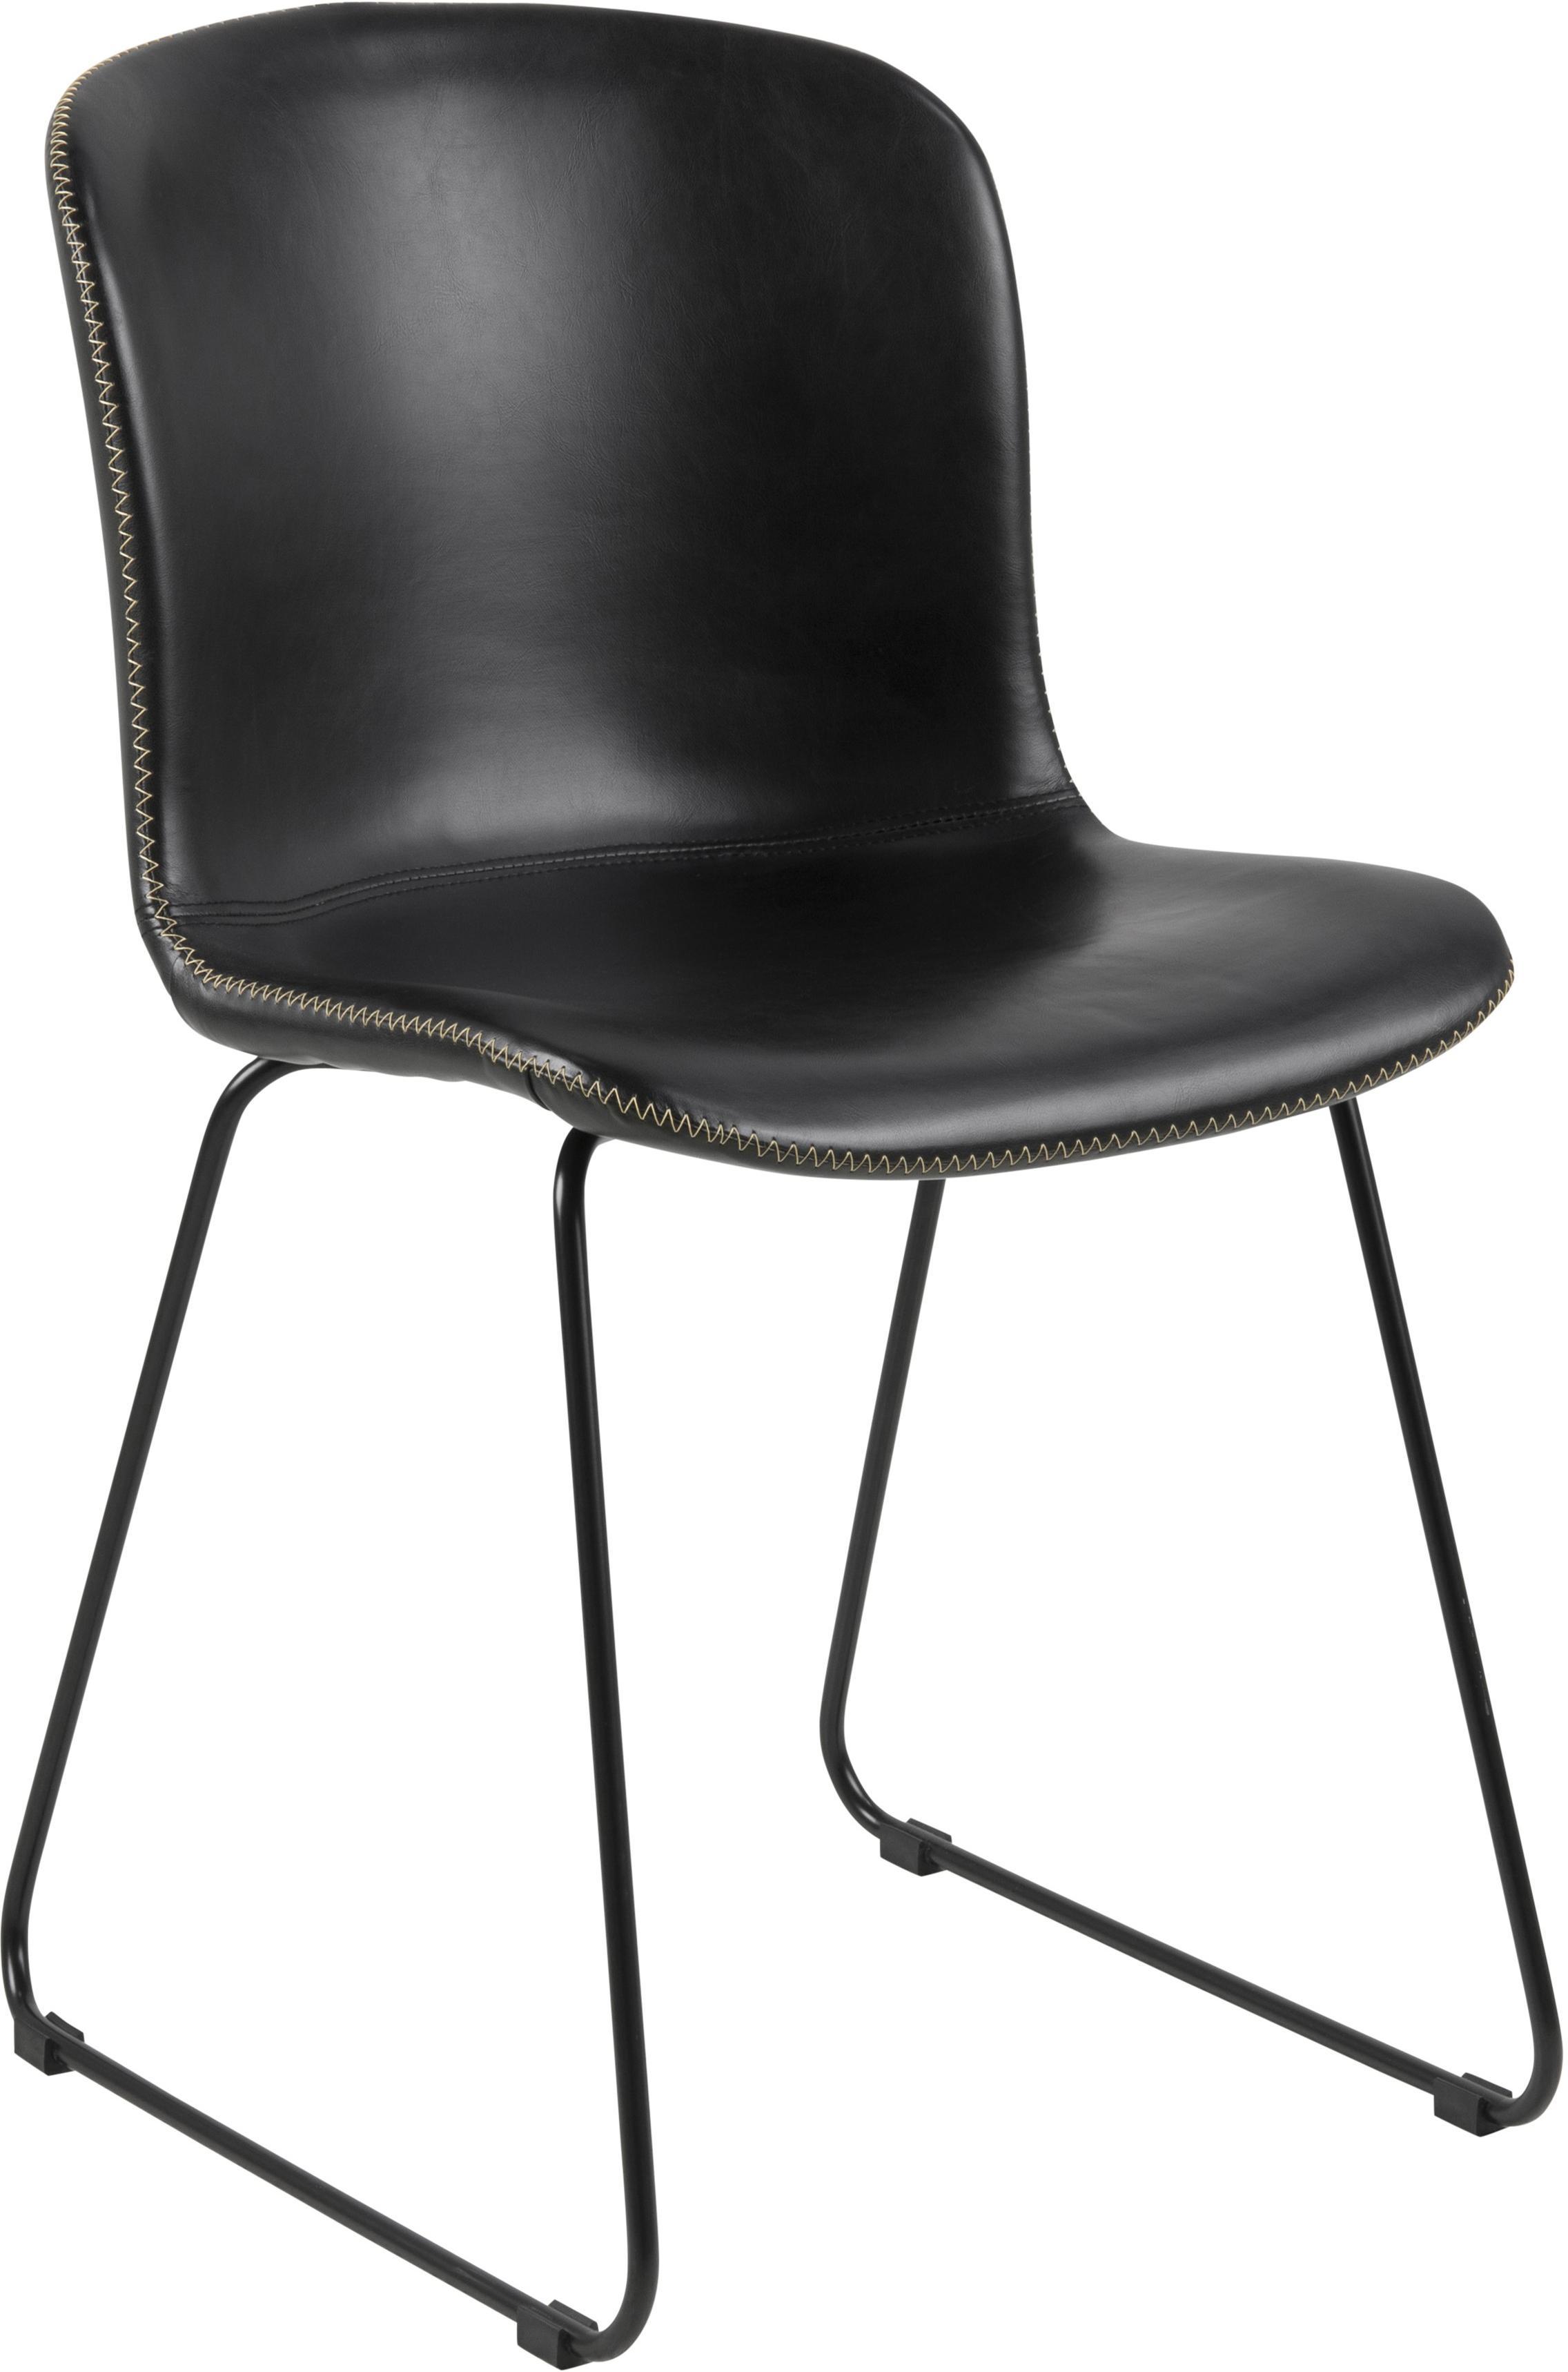 Sillas de cuero sintético Story, 2uds., Tapizado: cuero sintético, Patas: metal con pintura en polv, Negro, An 47 x F 51 cm